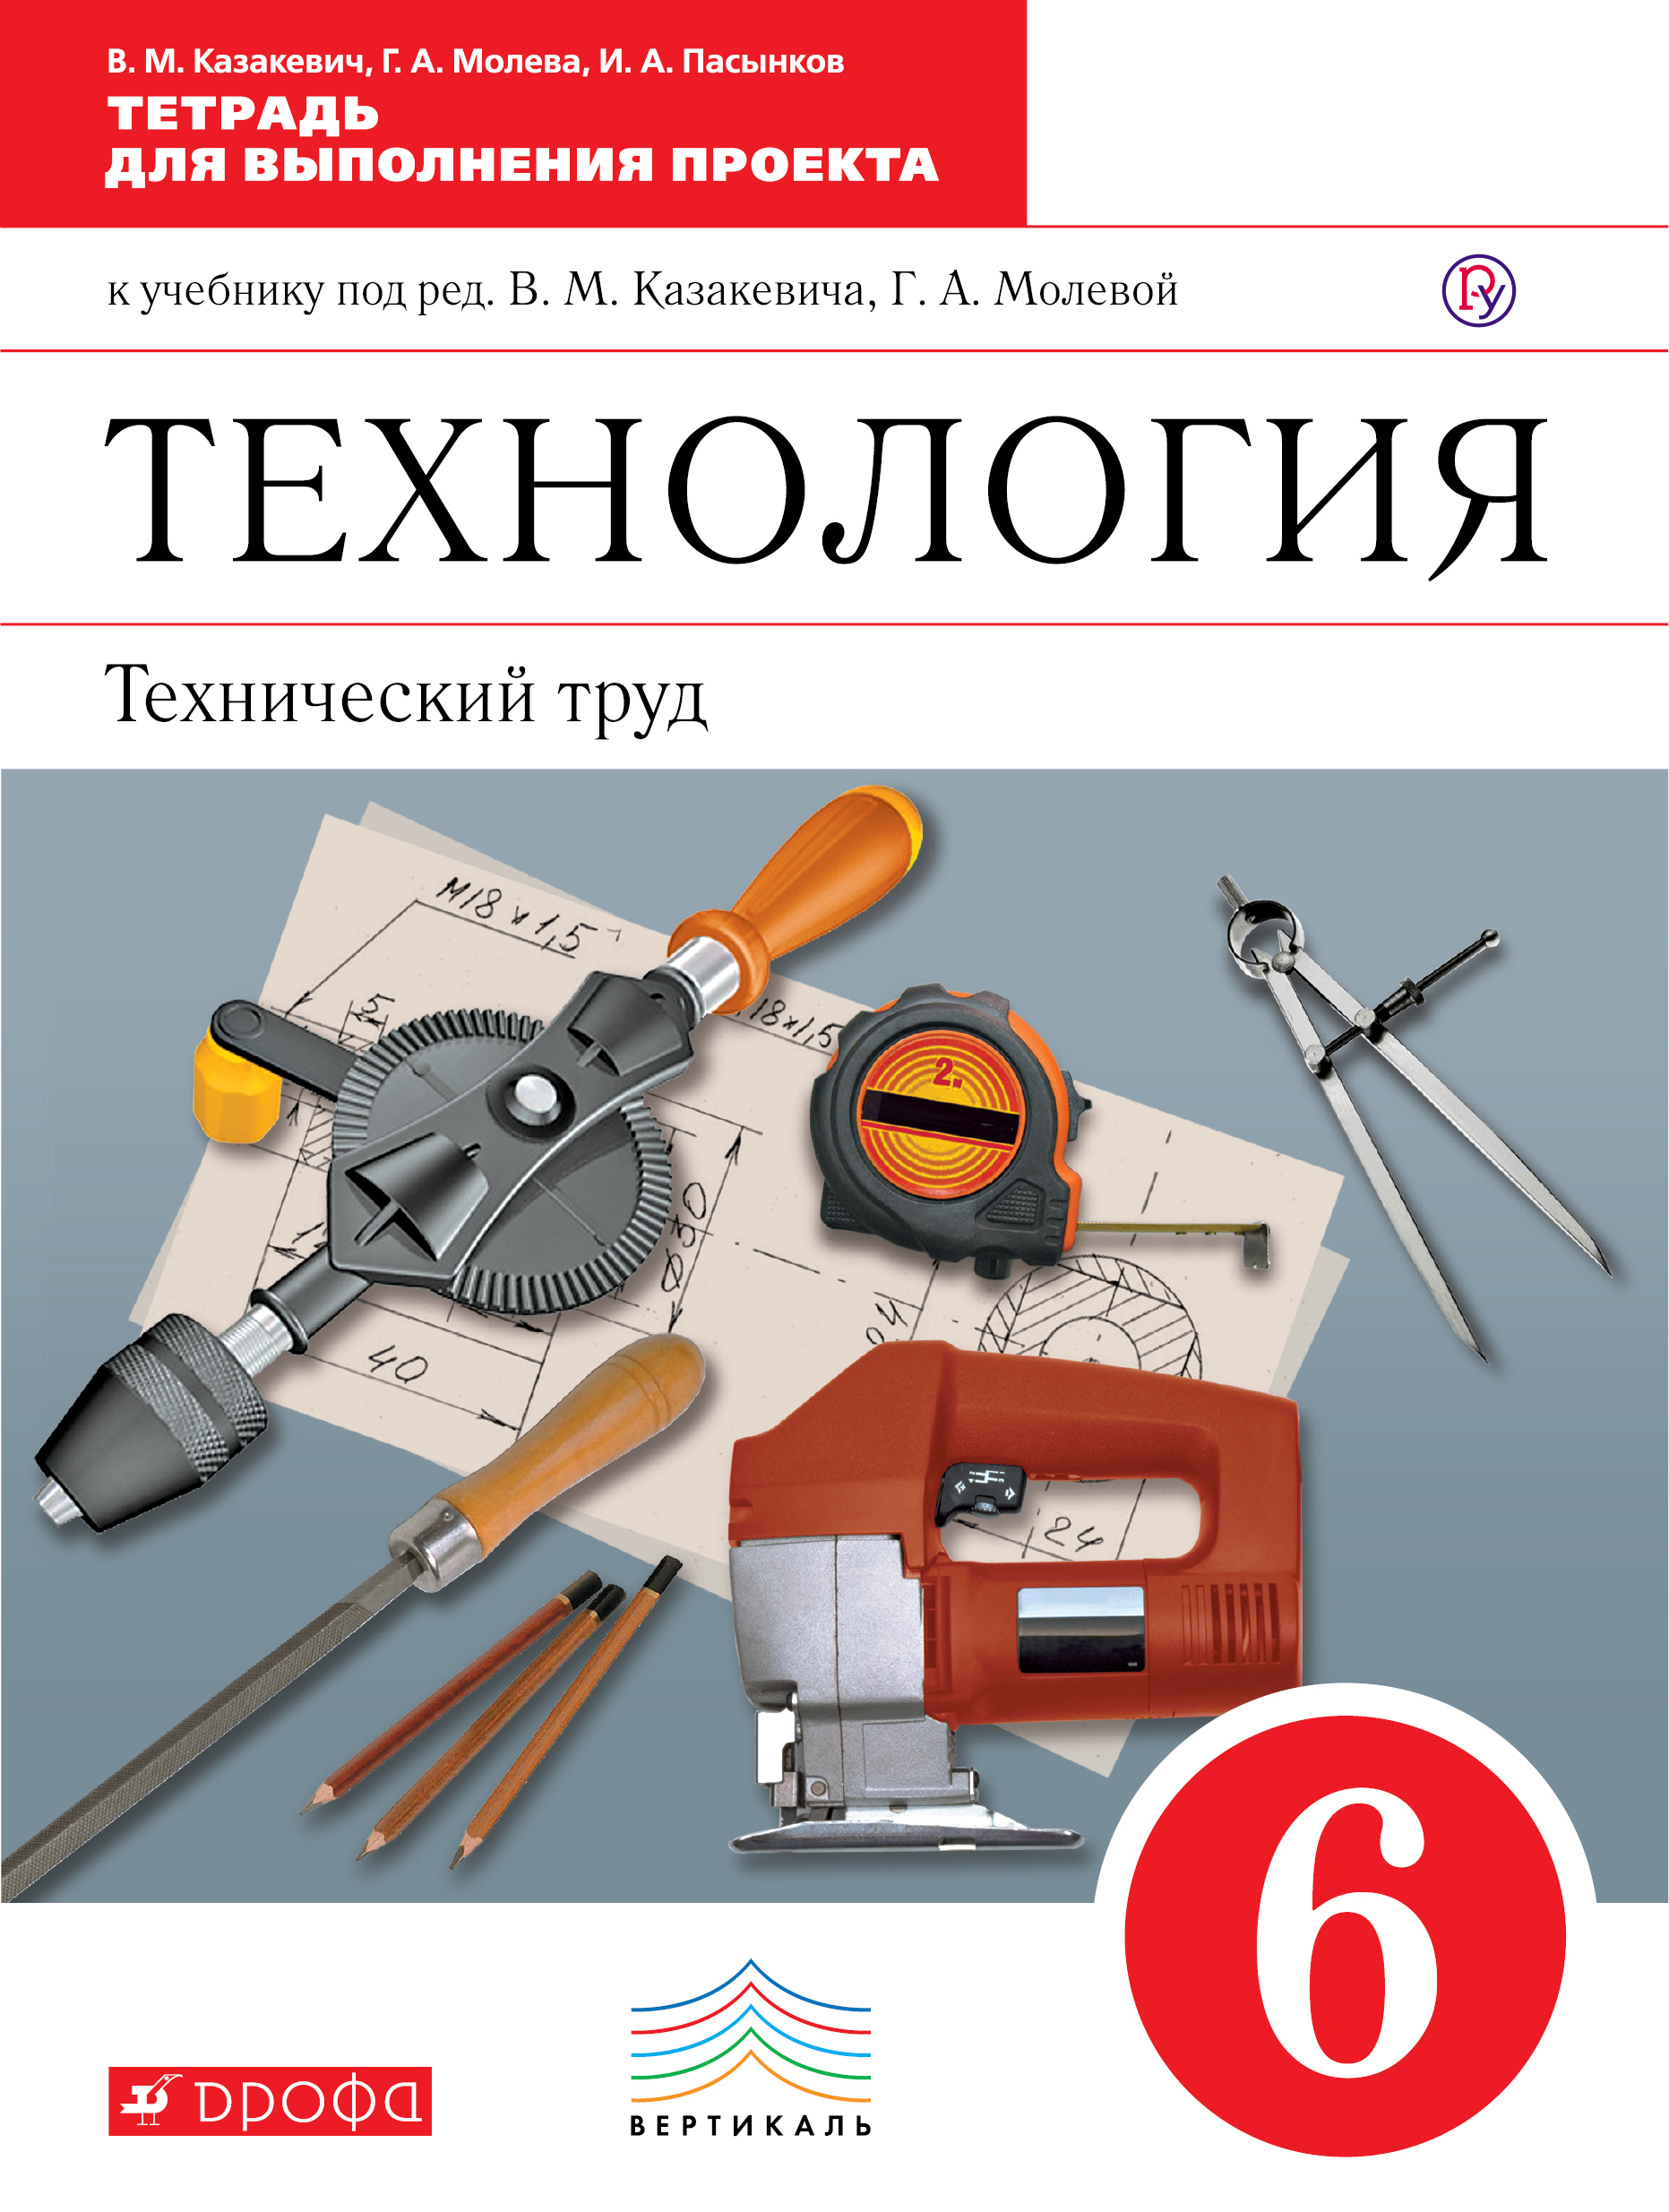 Технология. Технический труд. 6 класс. Тетрадь для выполнения проекта от book24.ru